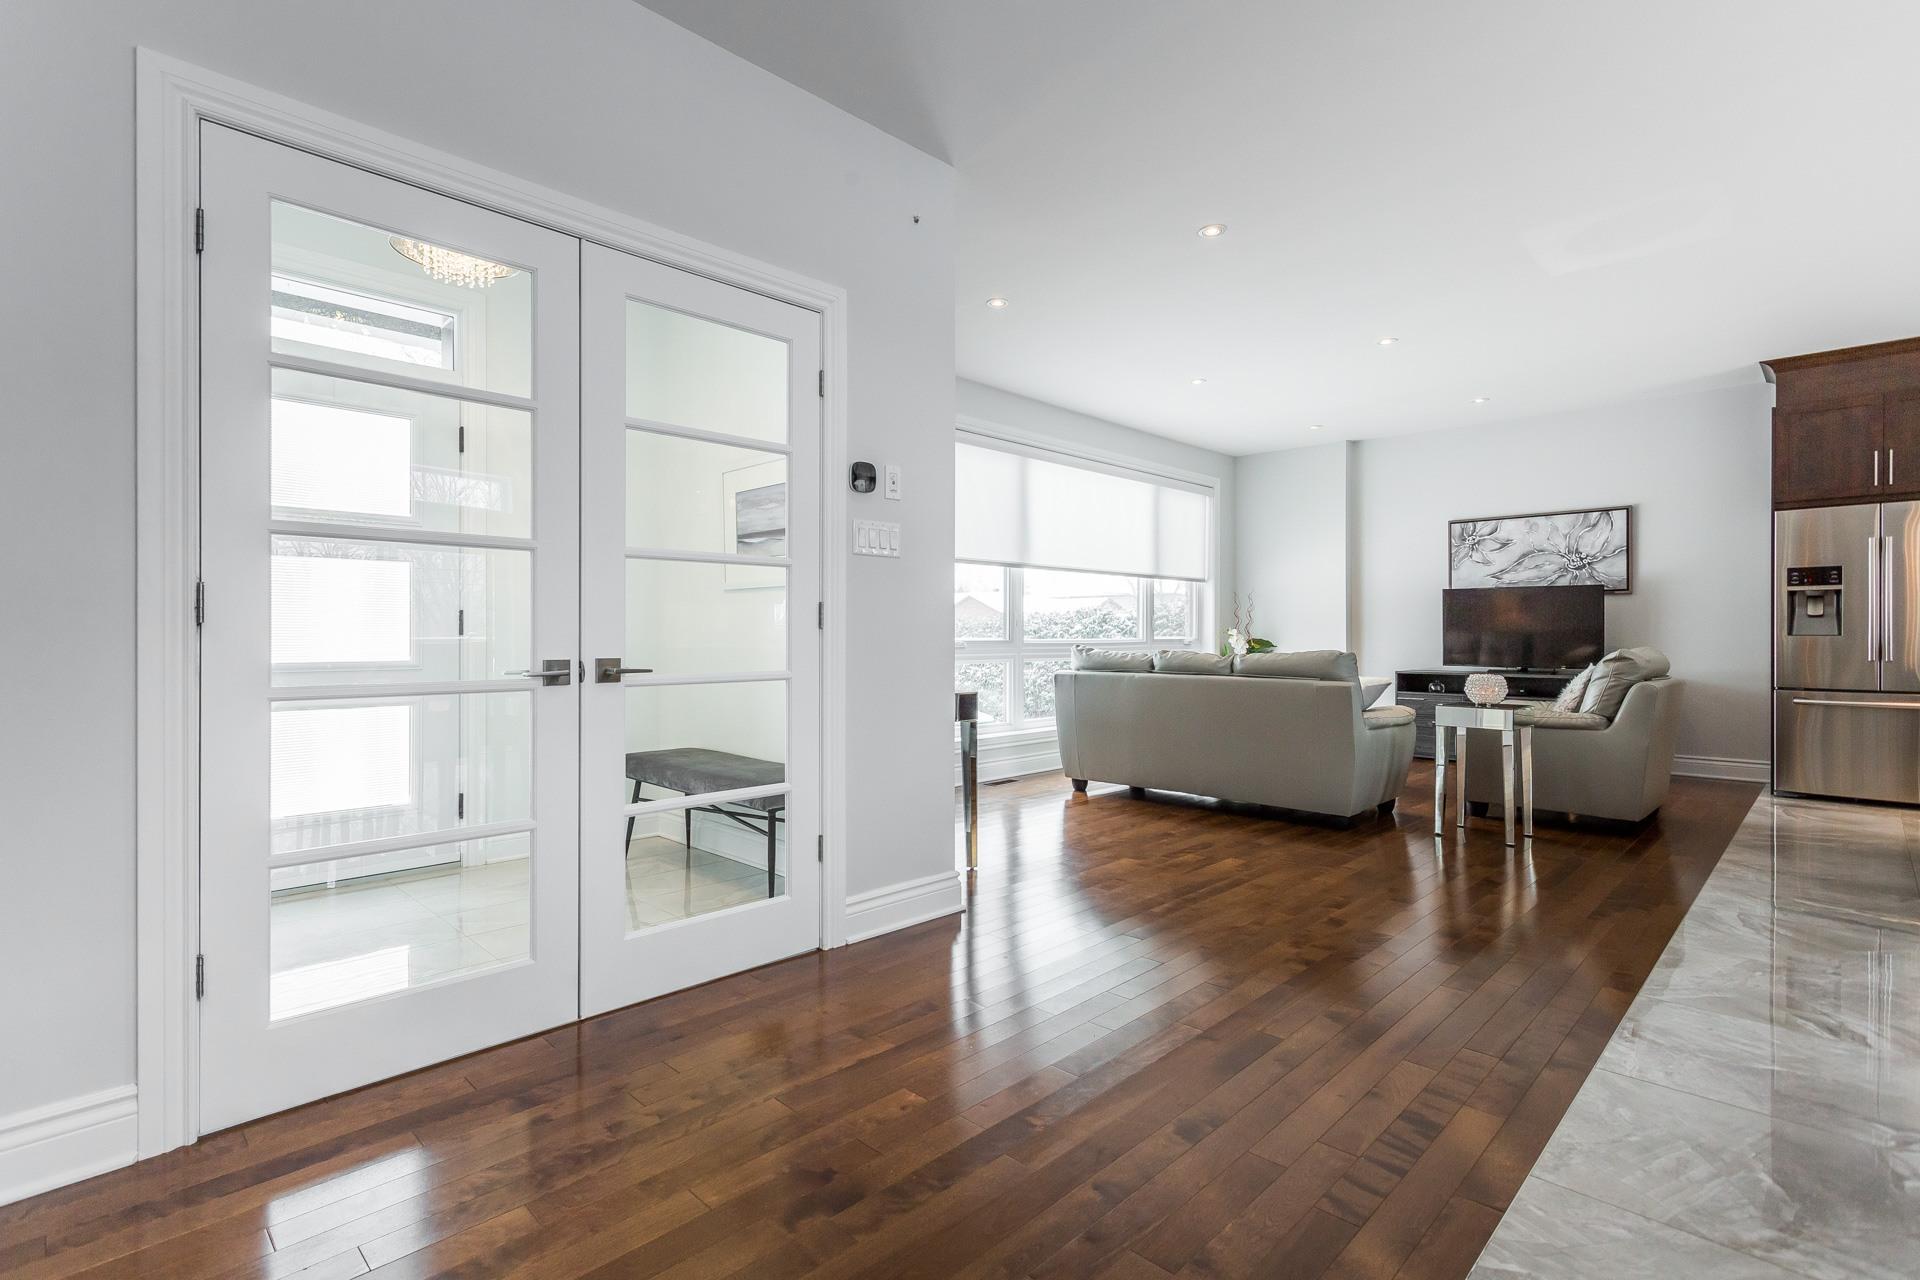 image 6 - Maison À vendre Laval Duvernay - 1 pièce